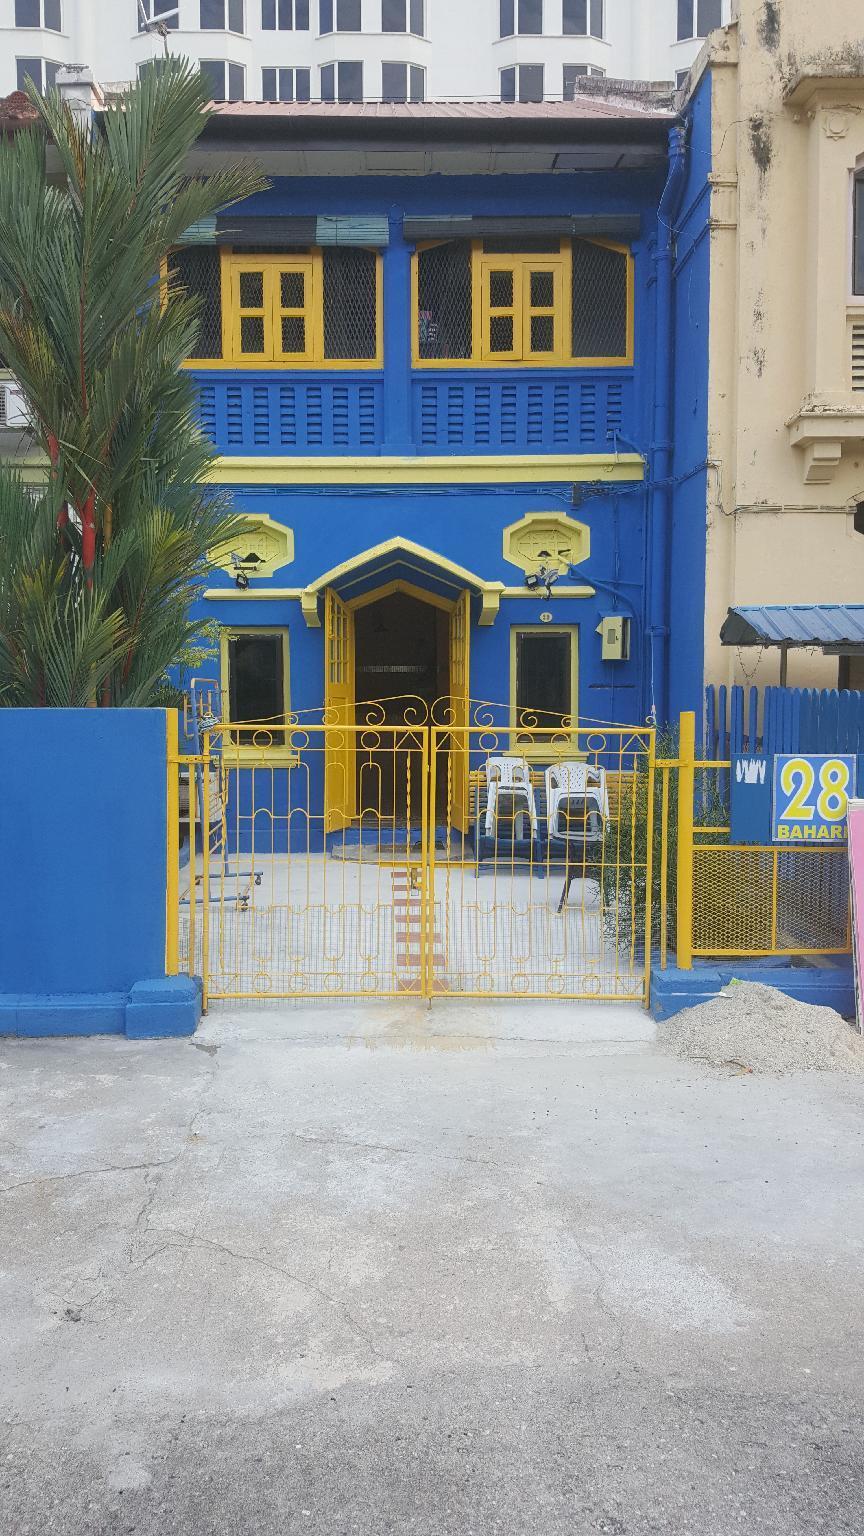 28Bahari, Pulau Penang